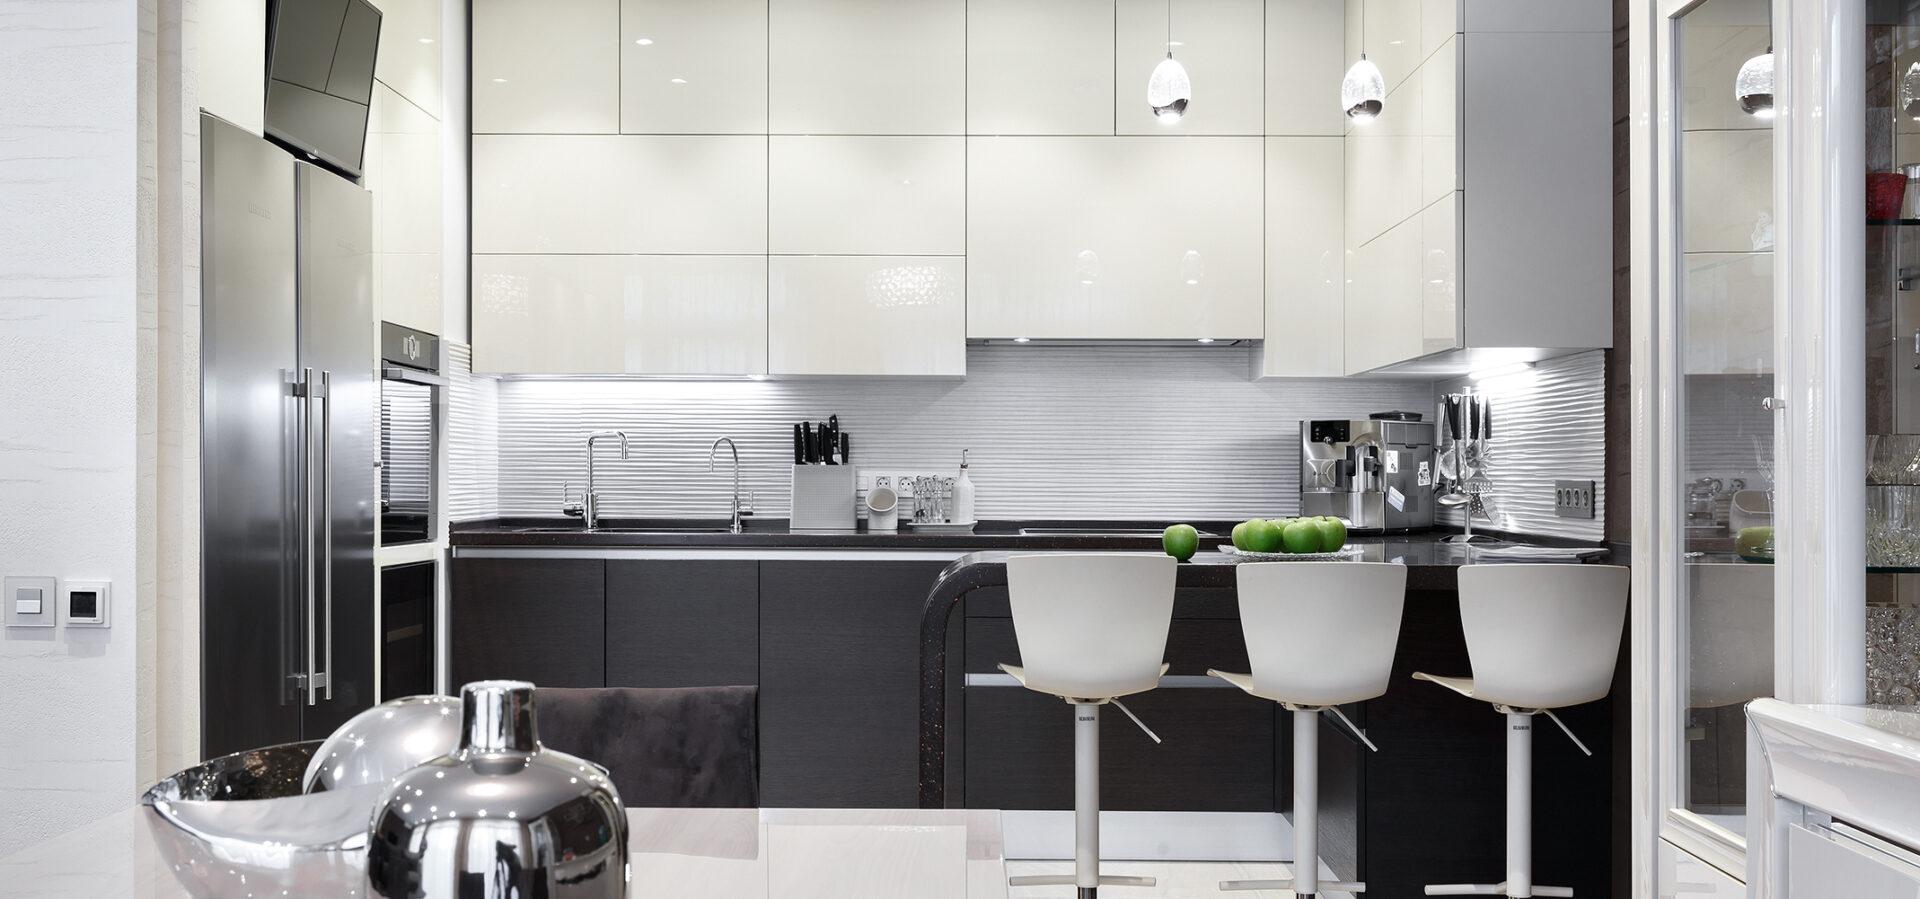 Подобрать модный дизайн интерьера кухни